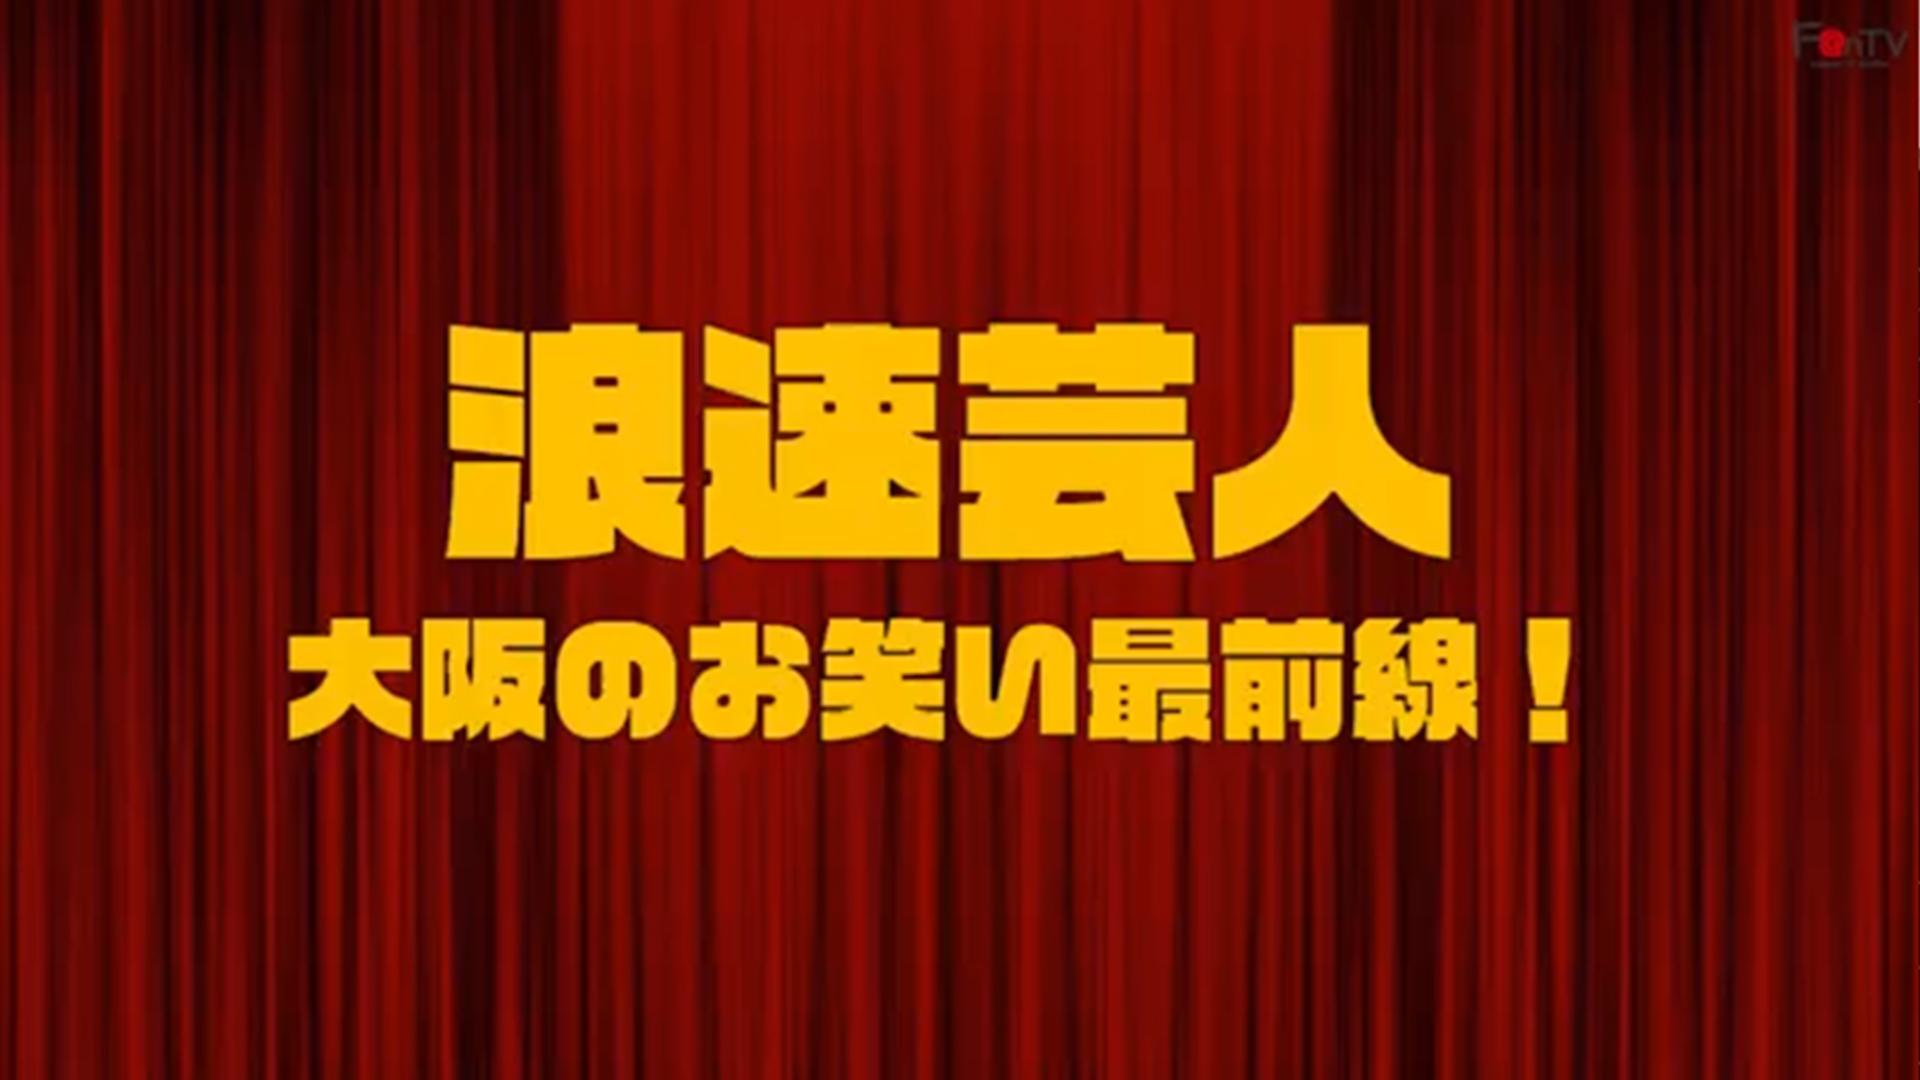 浪速芸人 大阪のお笑い最前線!